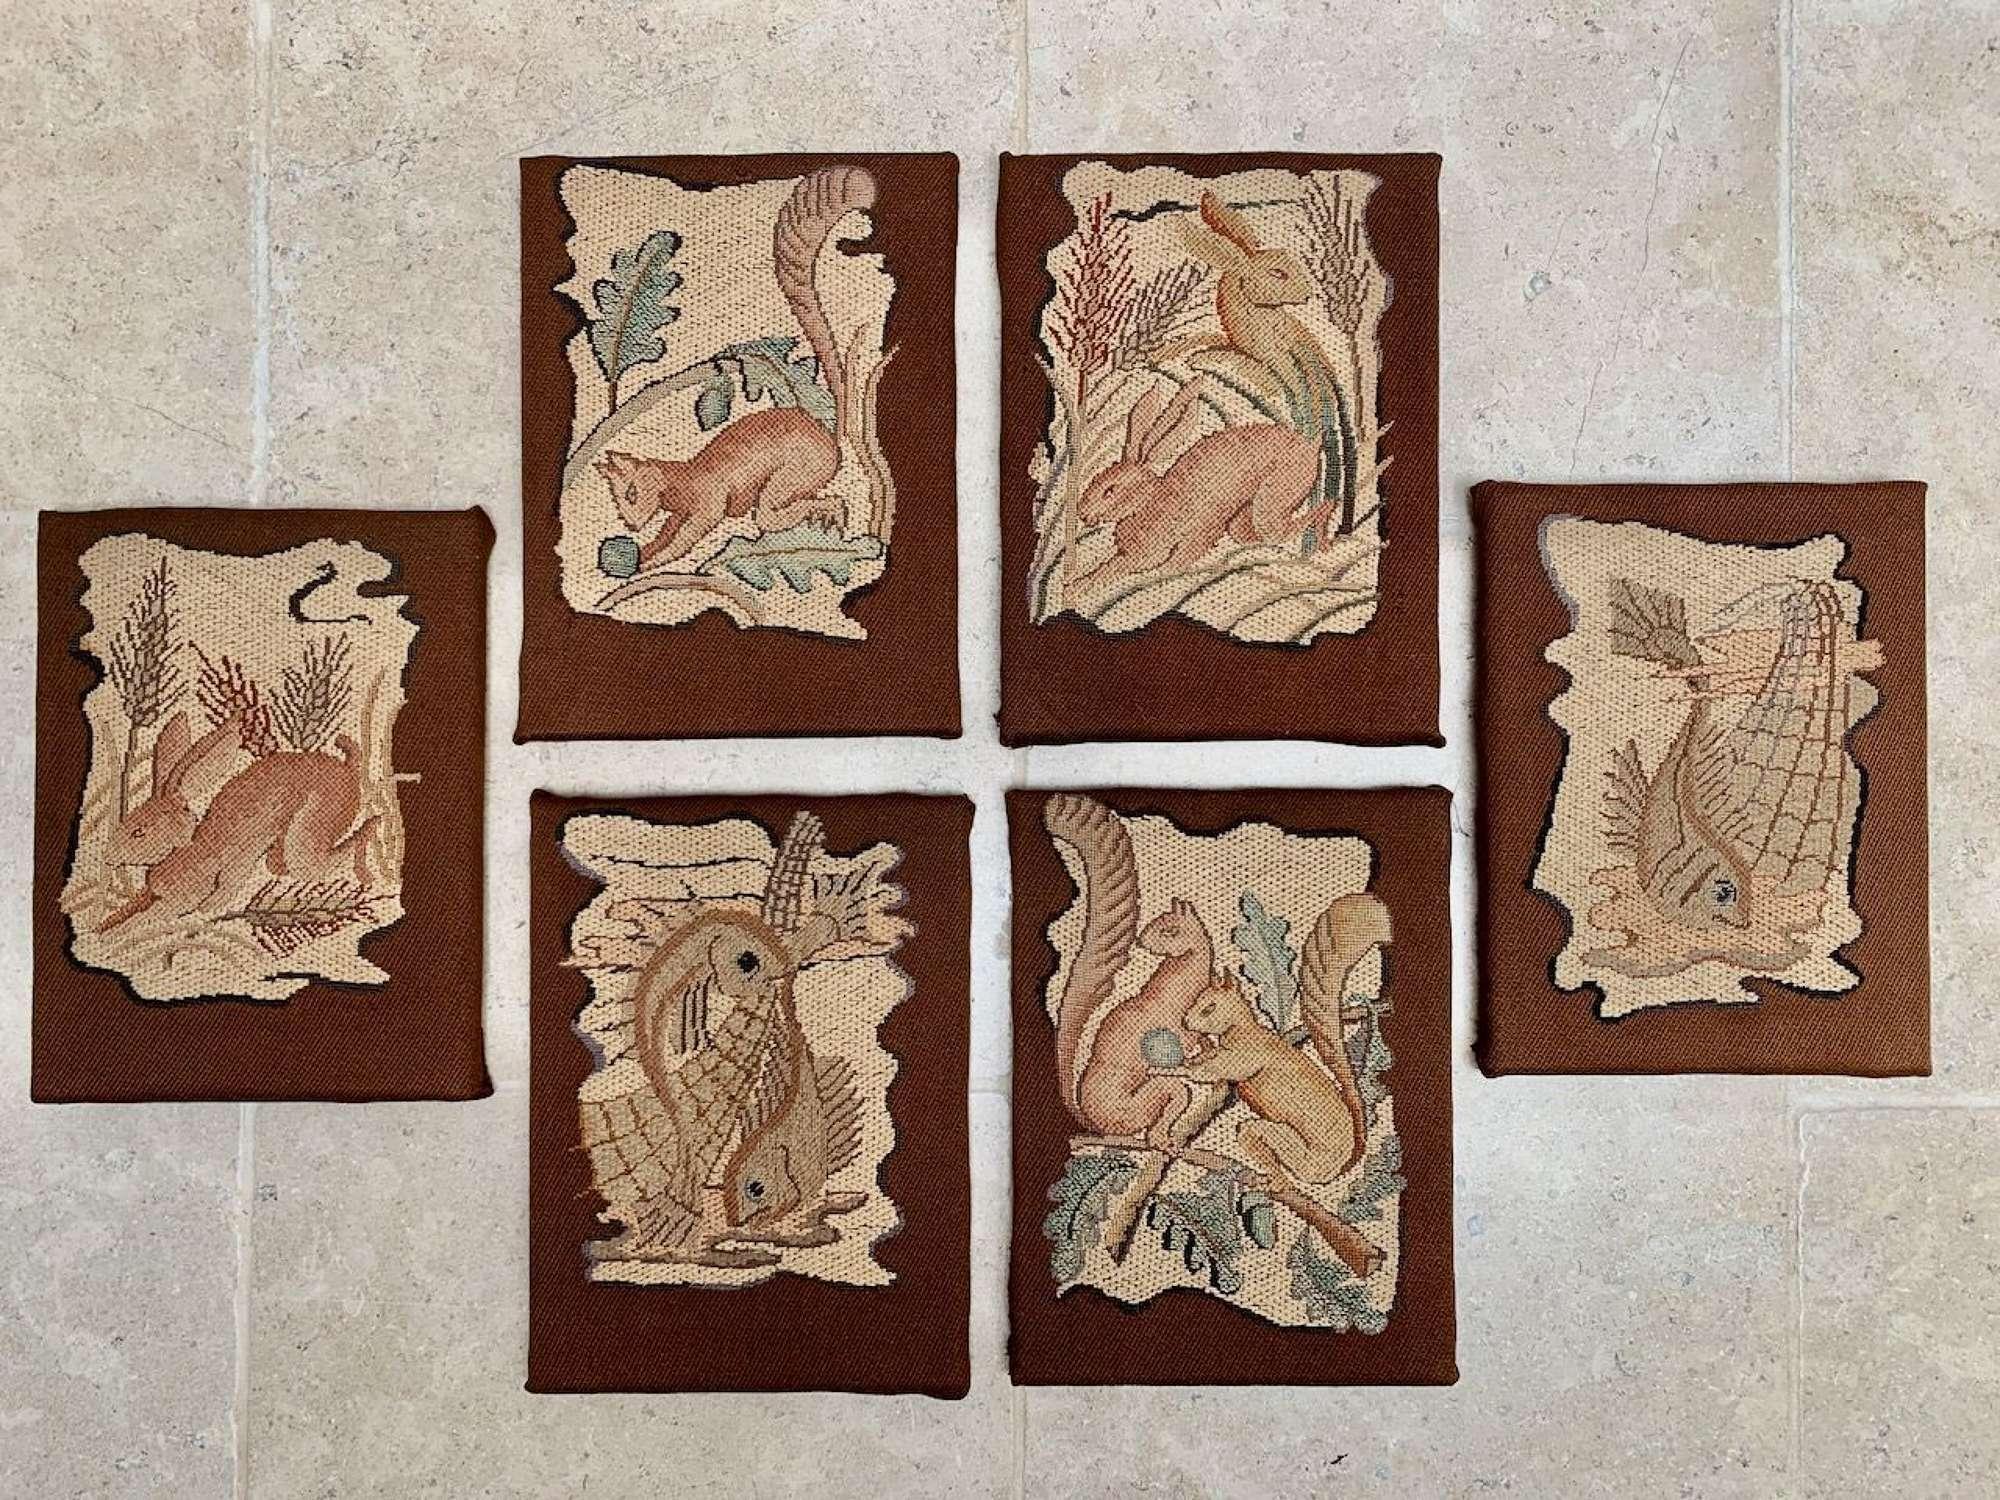 Pierluigi Colli textiles